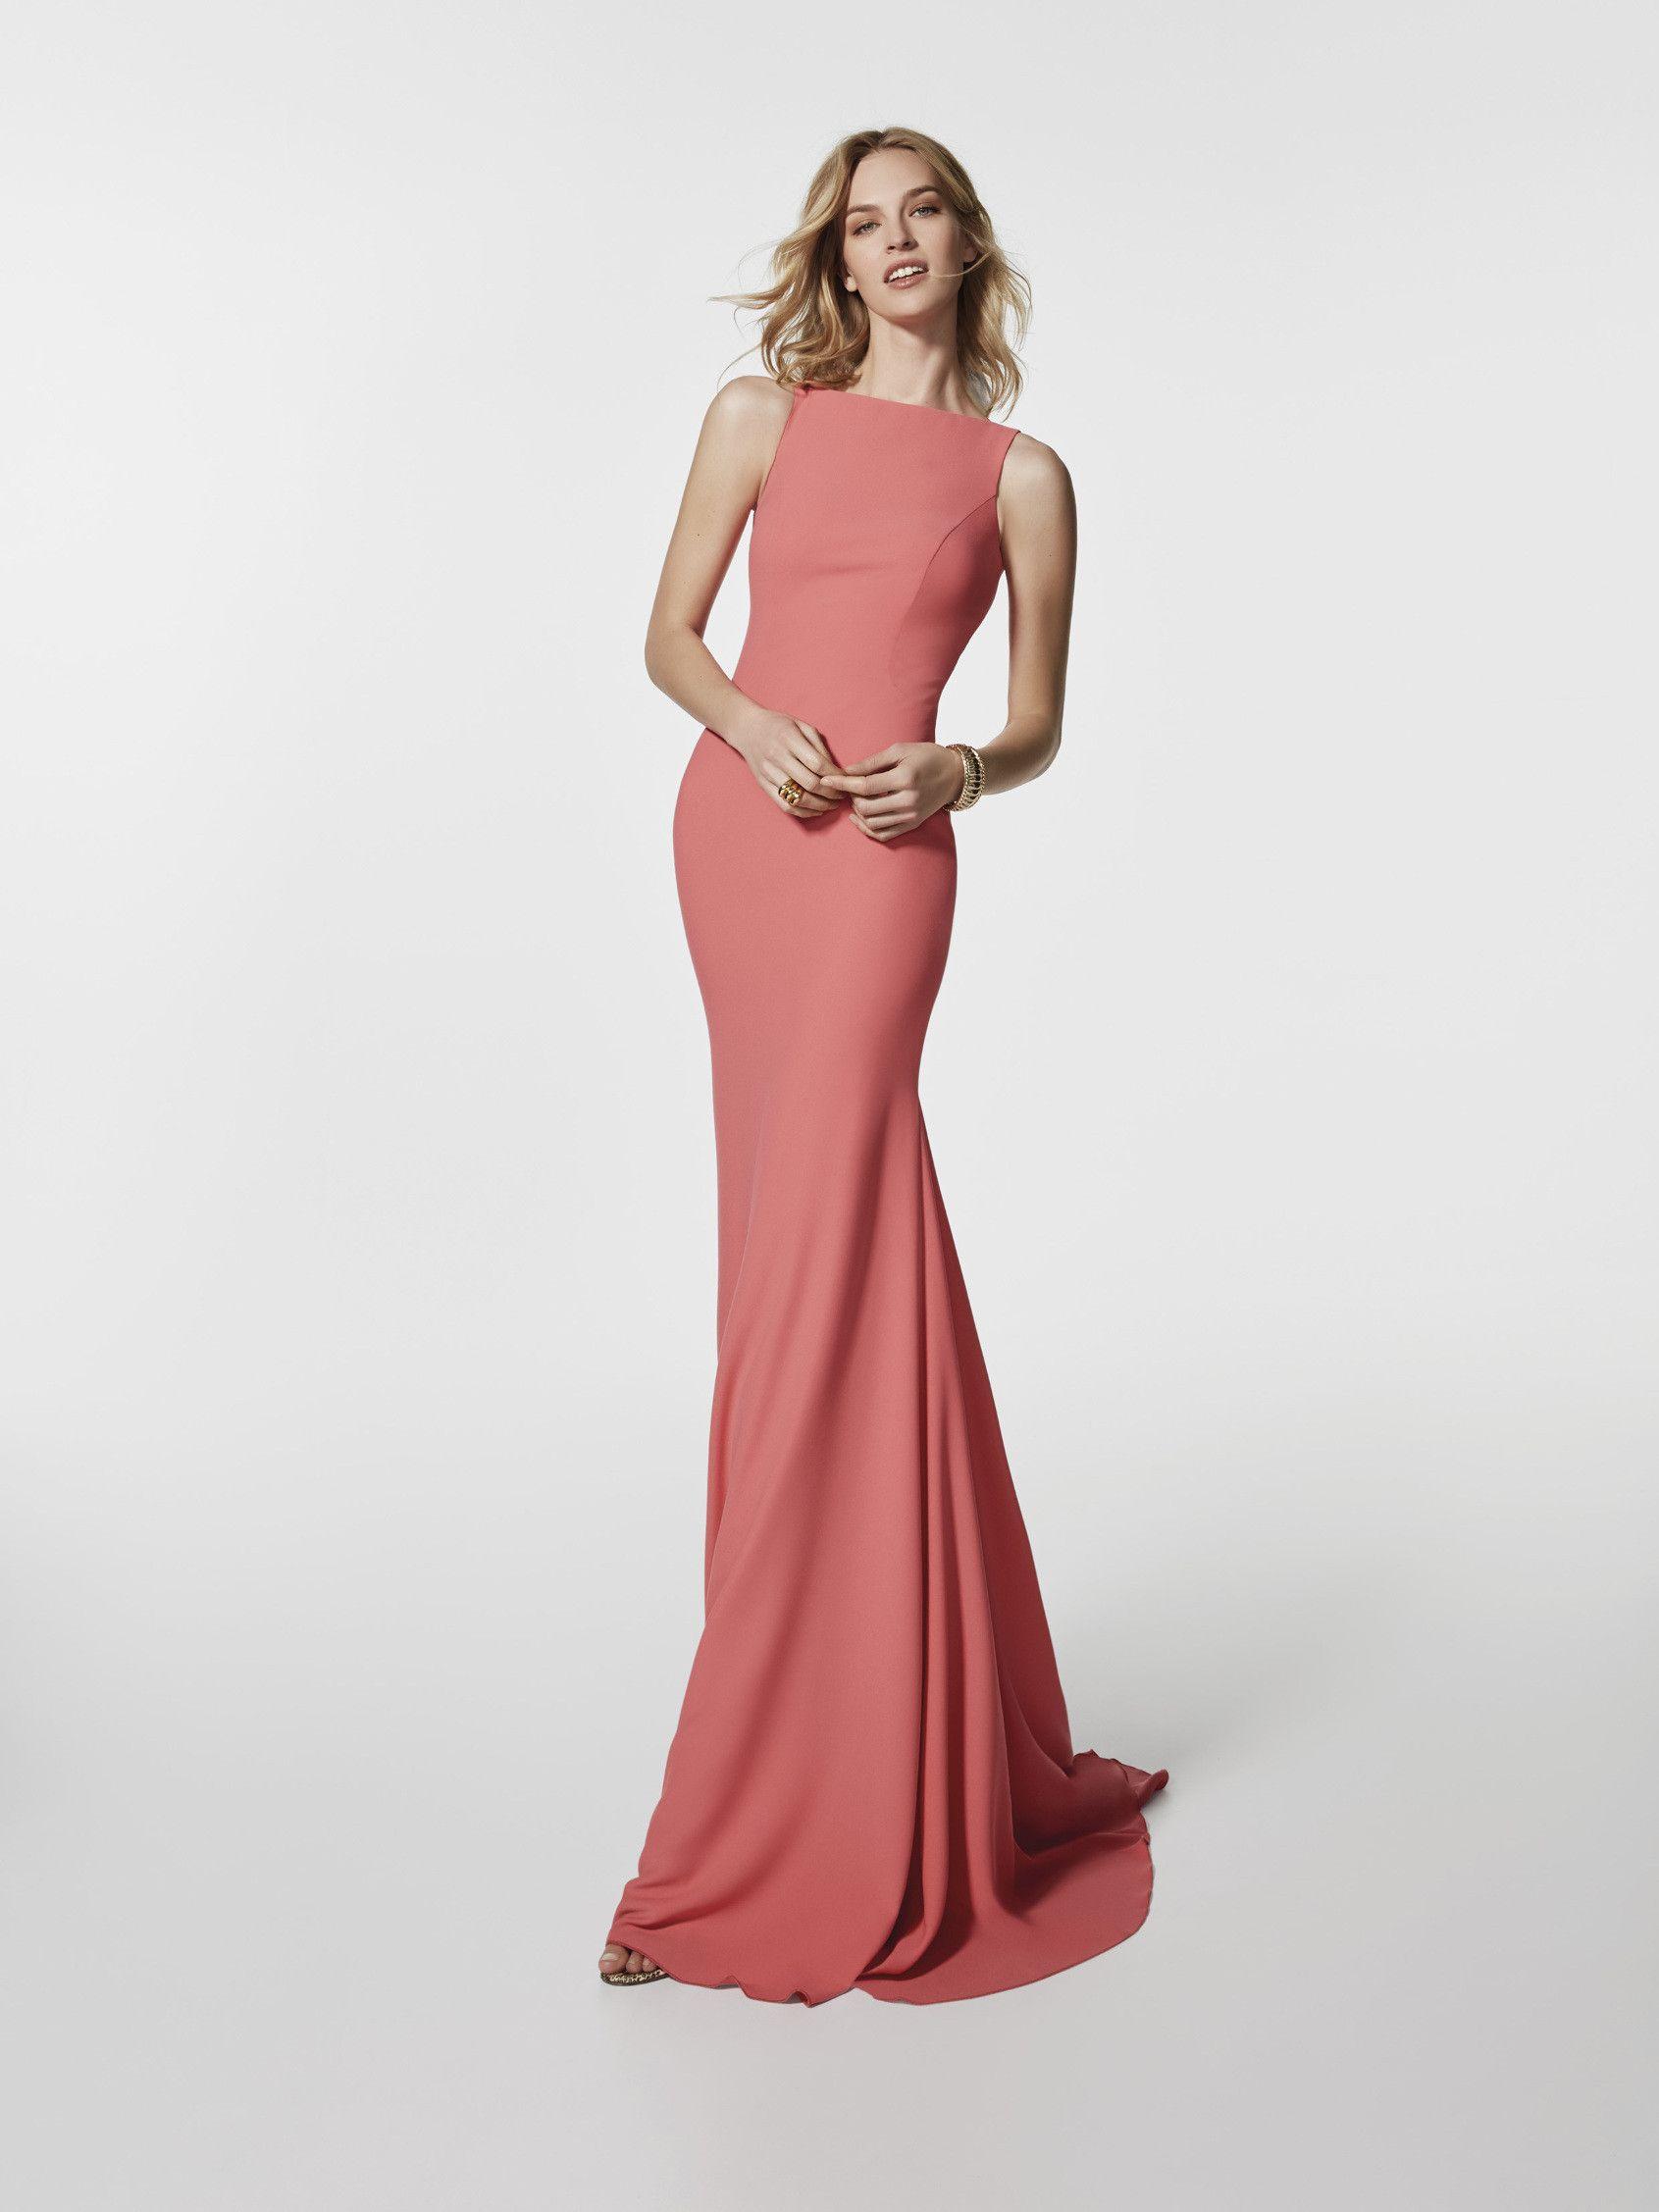 Buscas un vestido de fiesta? Este vestido largo de color rojo es un ...